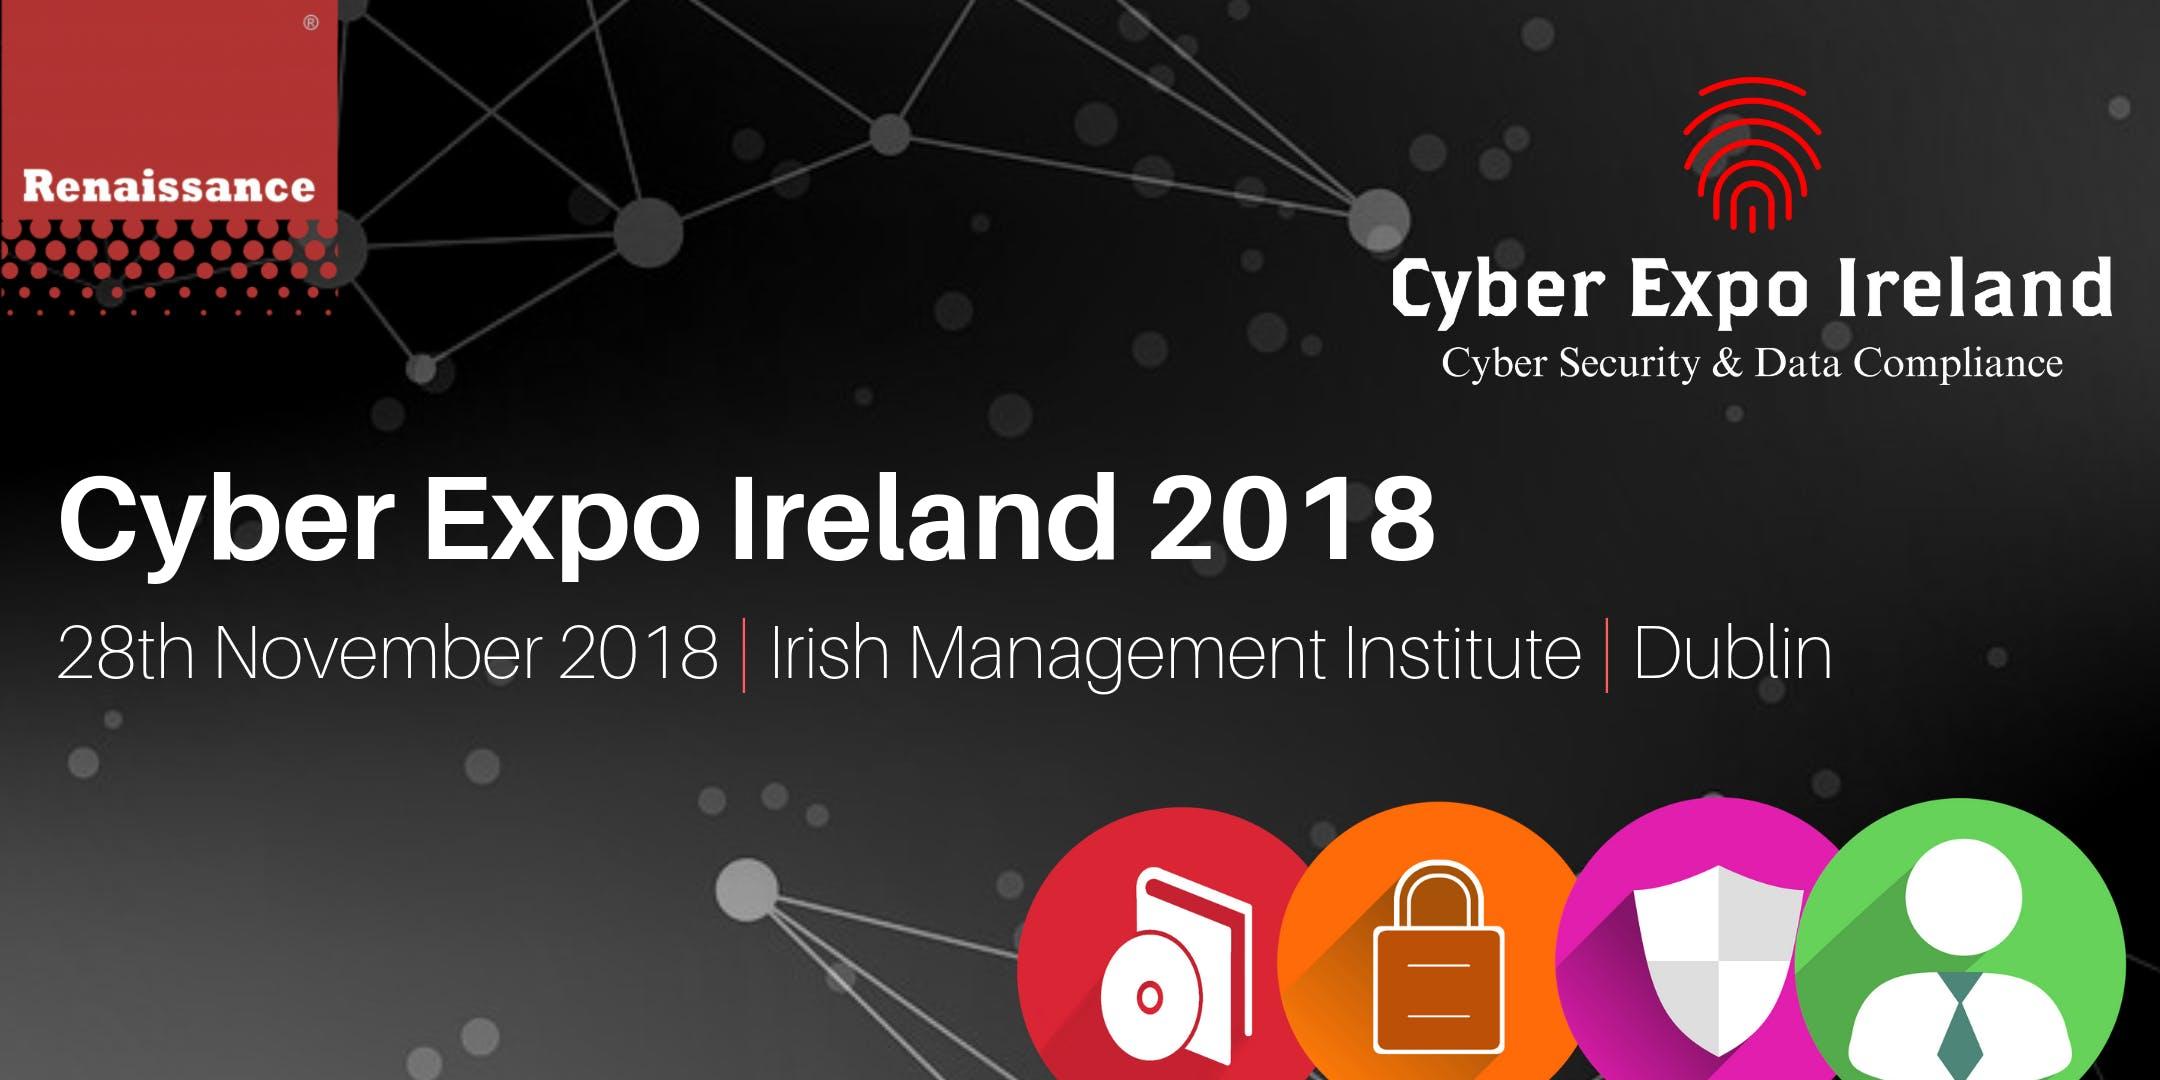 Cyber Expo Ireland 2018